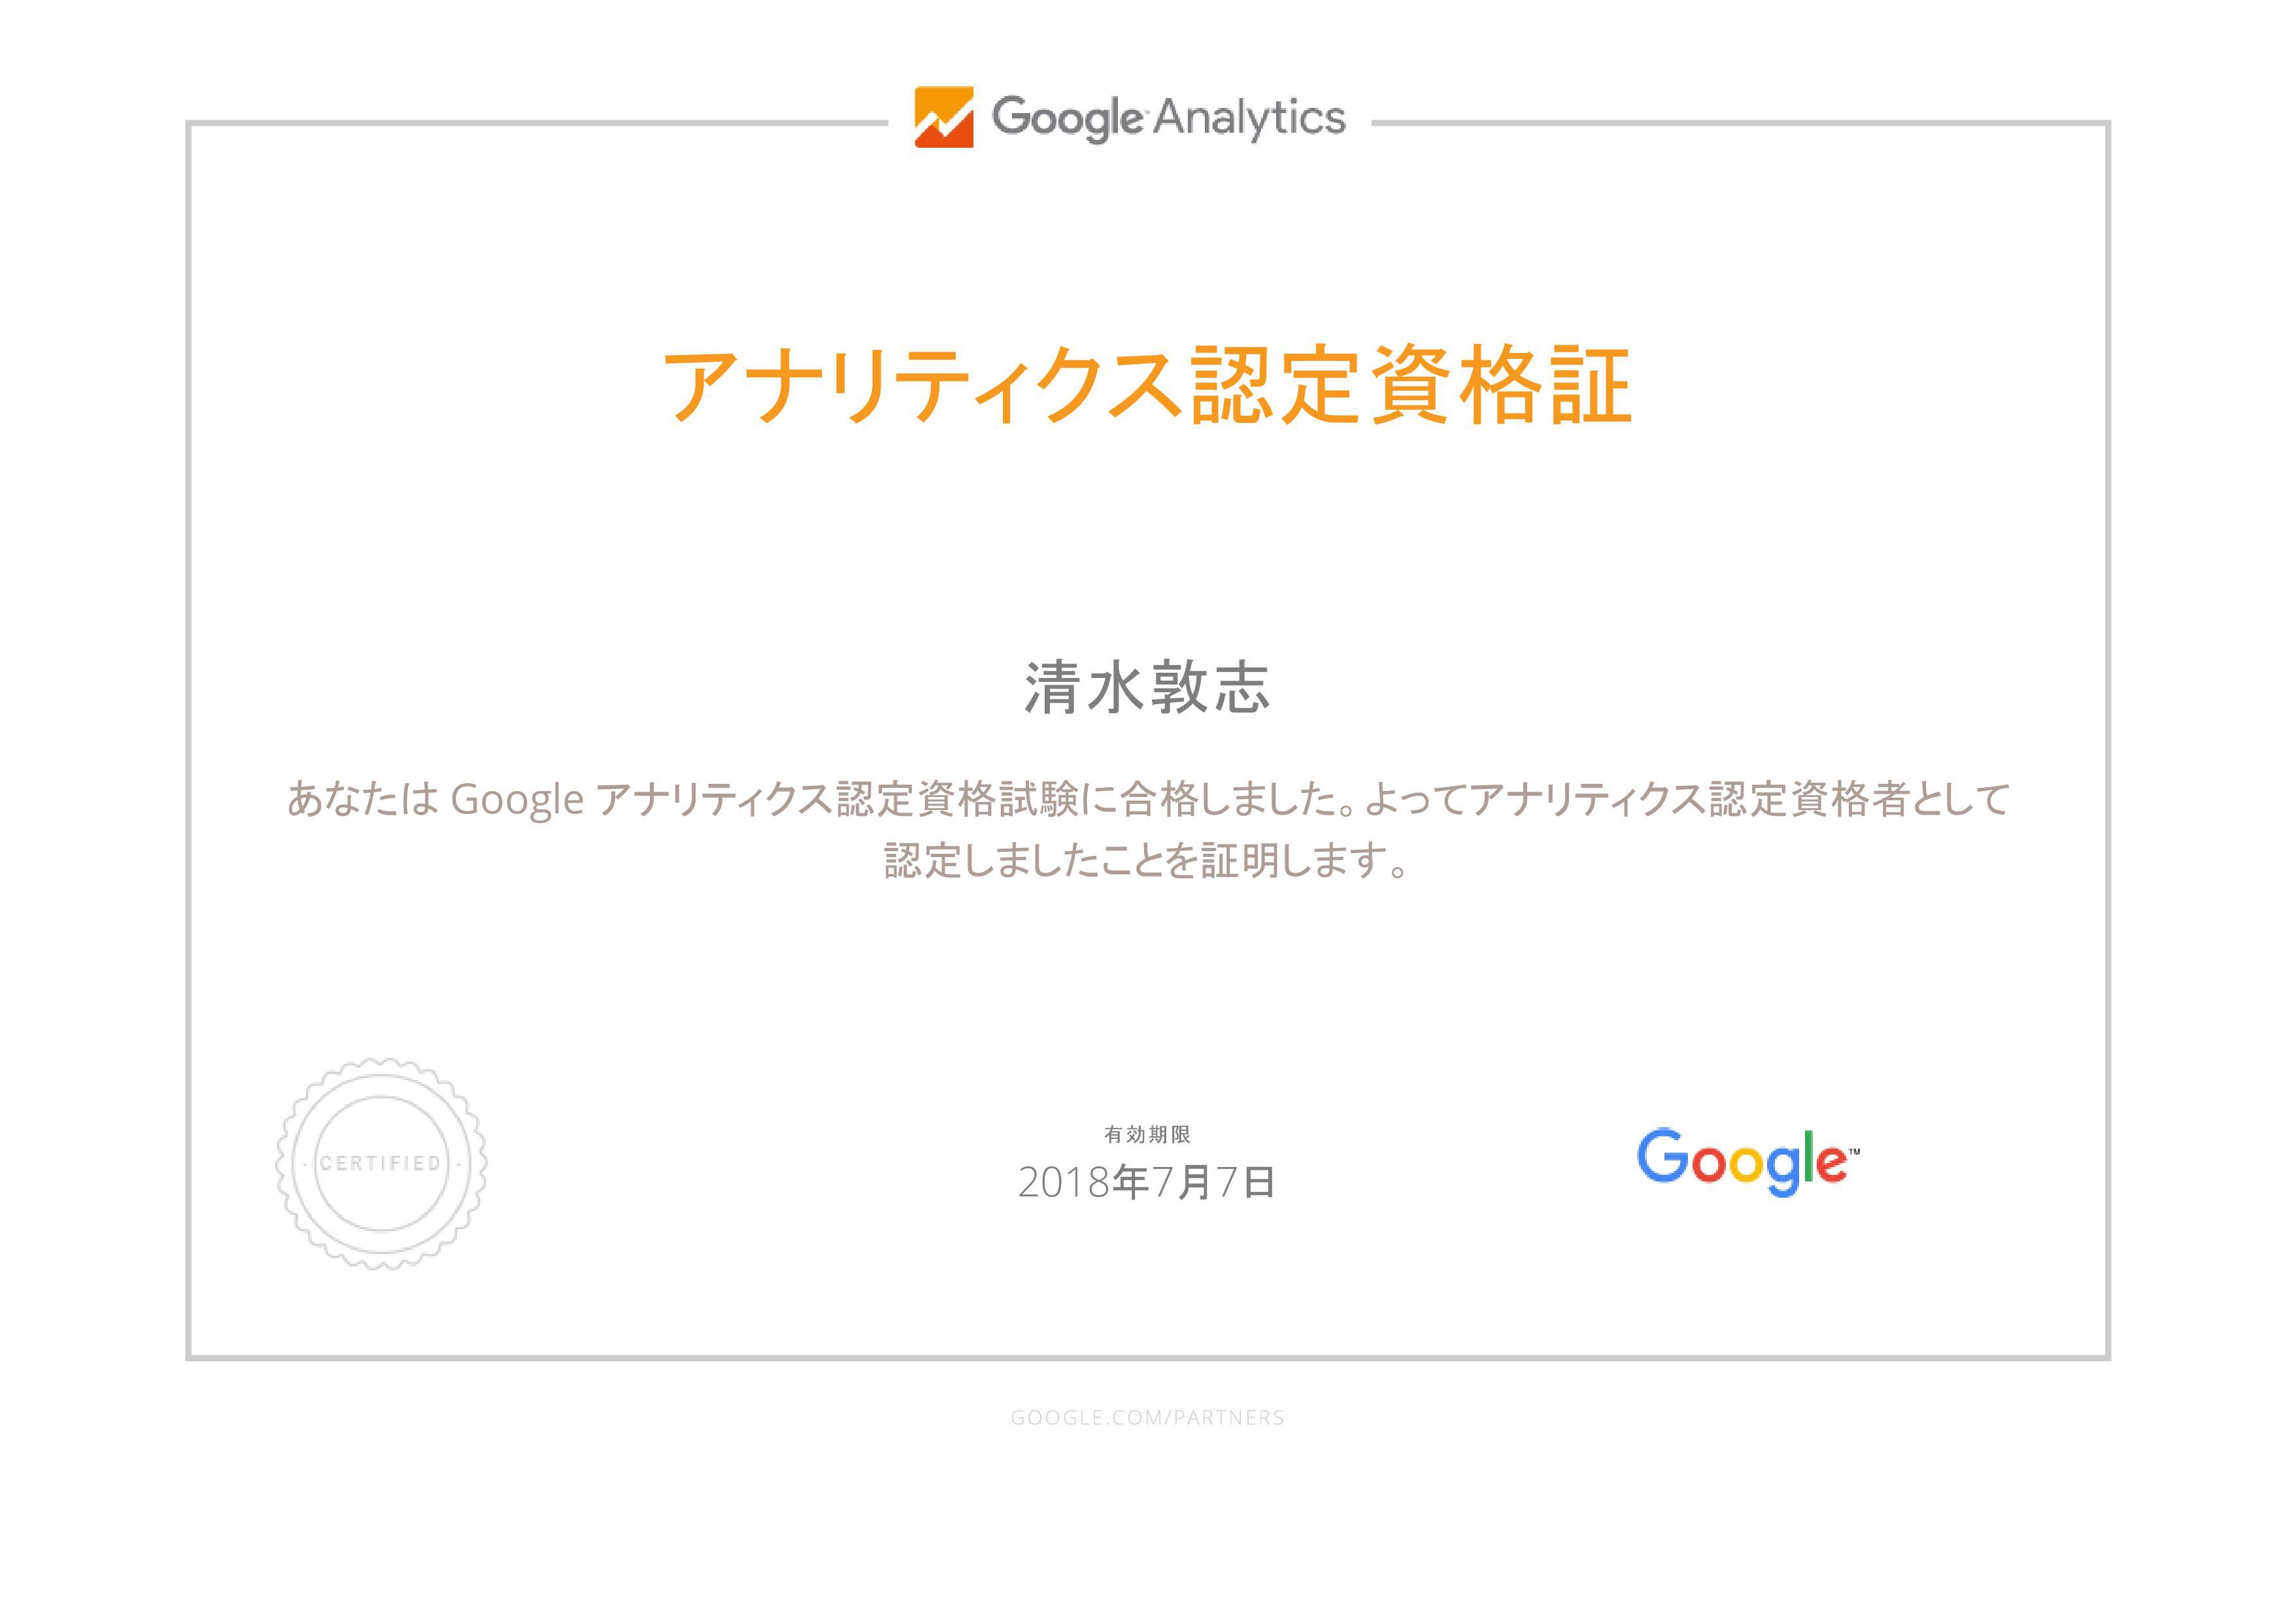 Google アナリティクス個人認定資格(GAIQ)を取得致しました